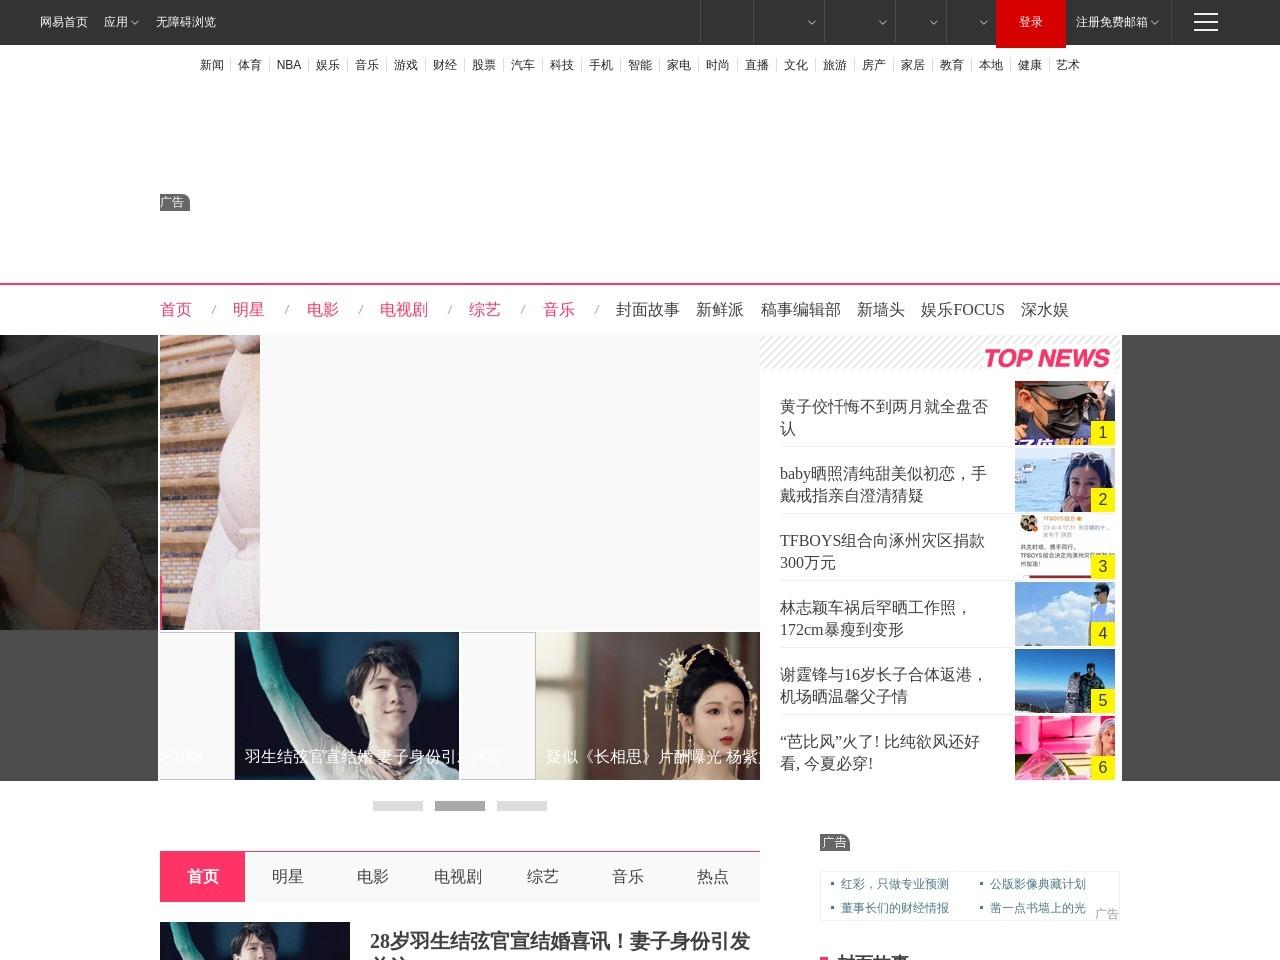 孙艺珍童年照被曝颜值高 疑曾被恶意p图称其整容|韩星|写真照_网易娱乐